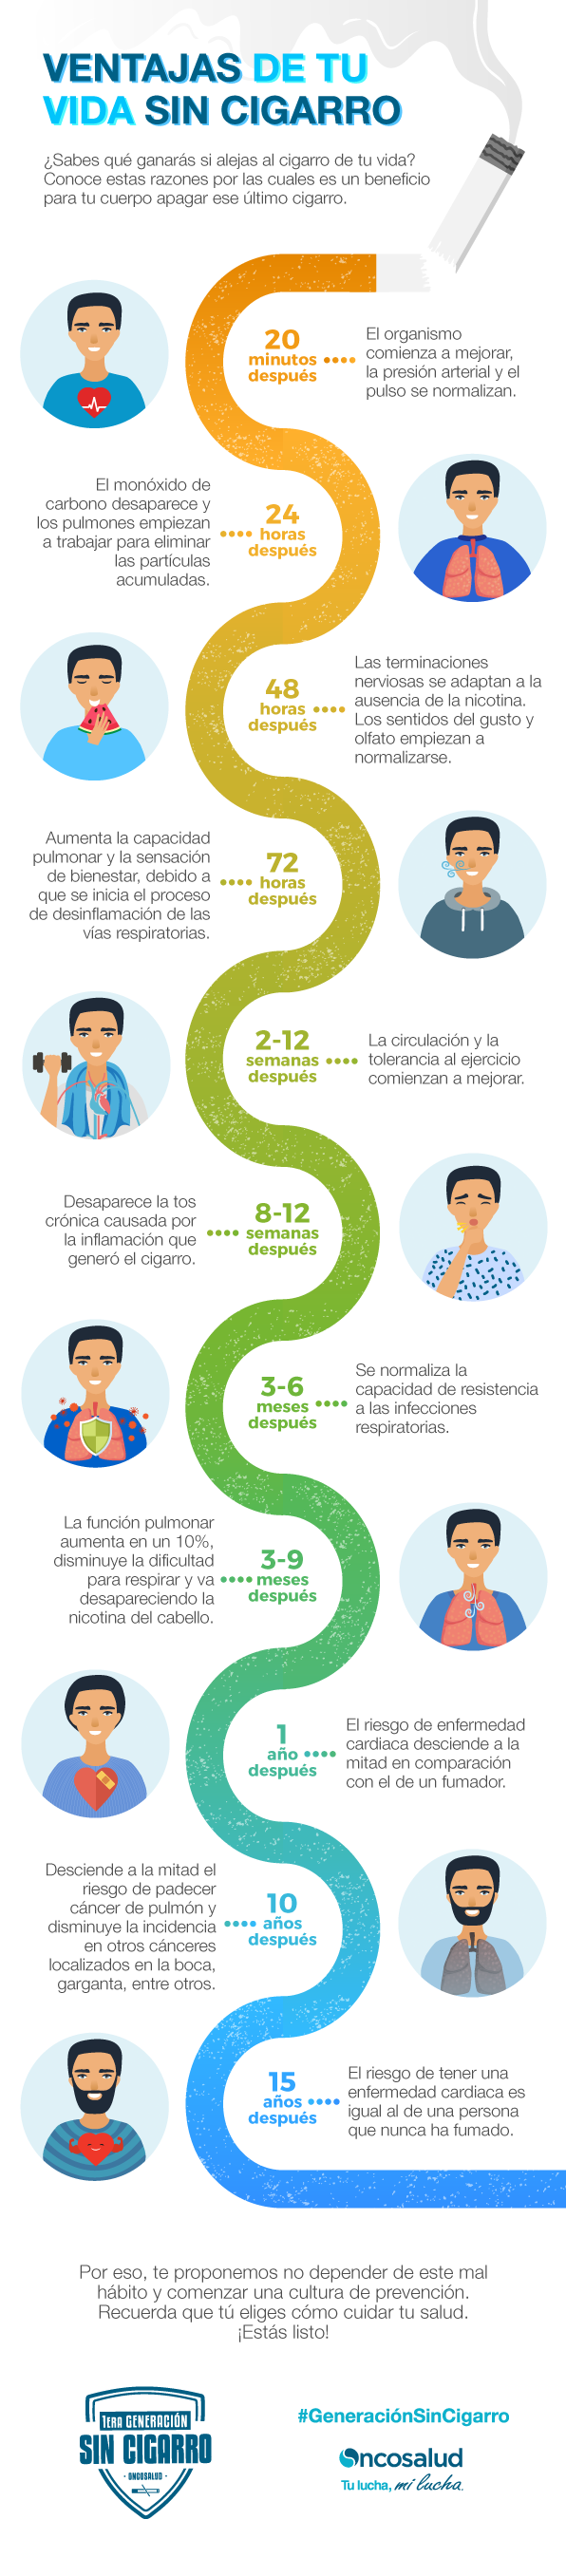 Infografia-cuando tarda en desaparecer el cigarro de tu cuerpo